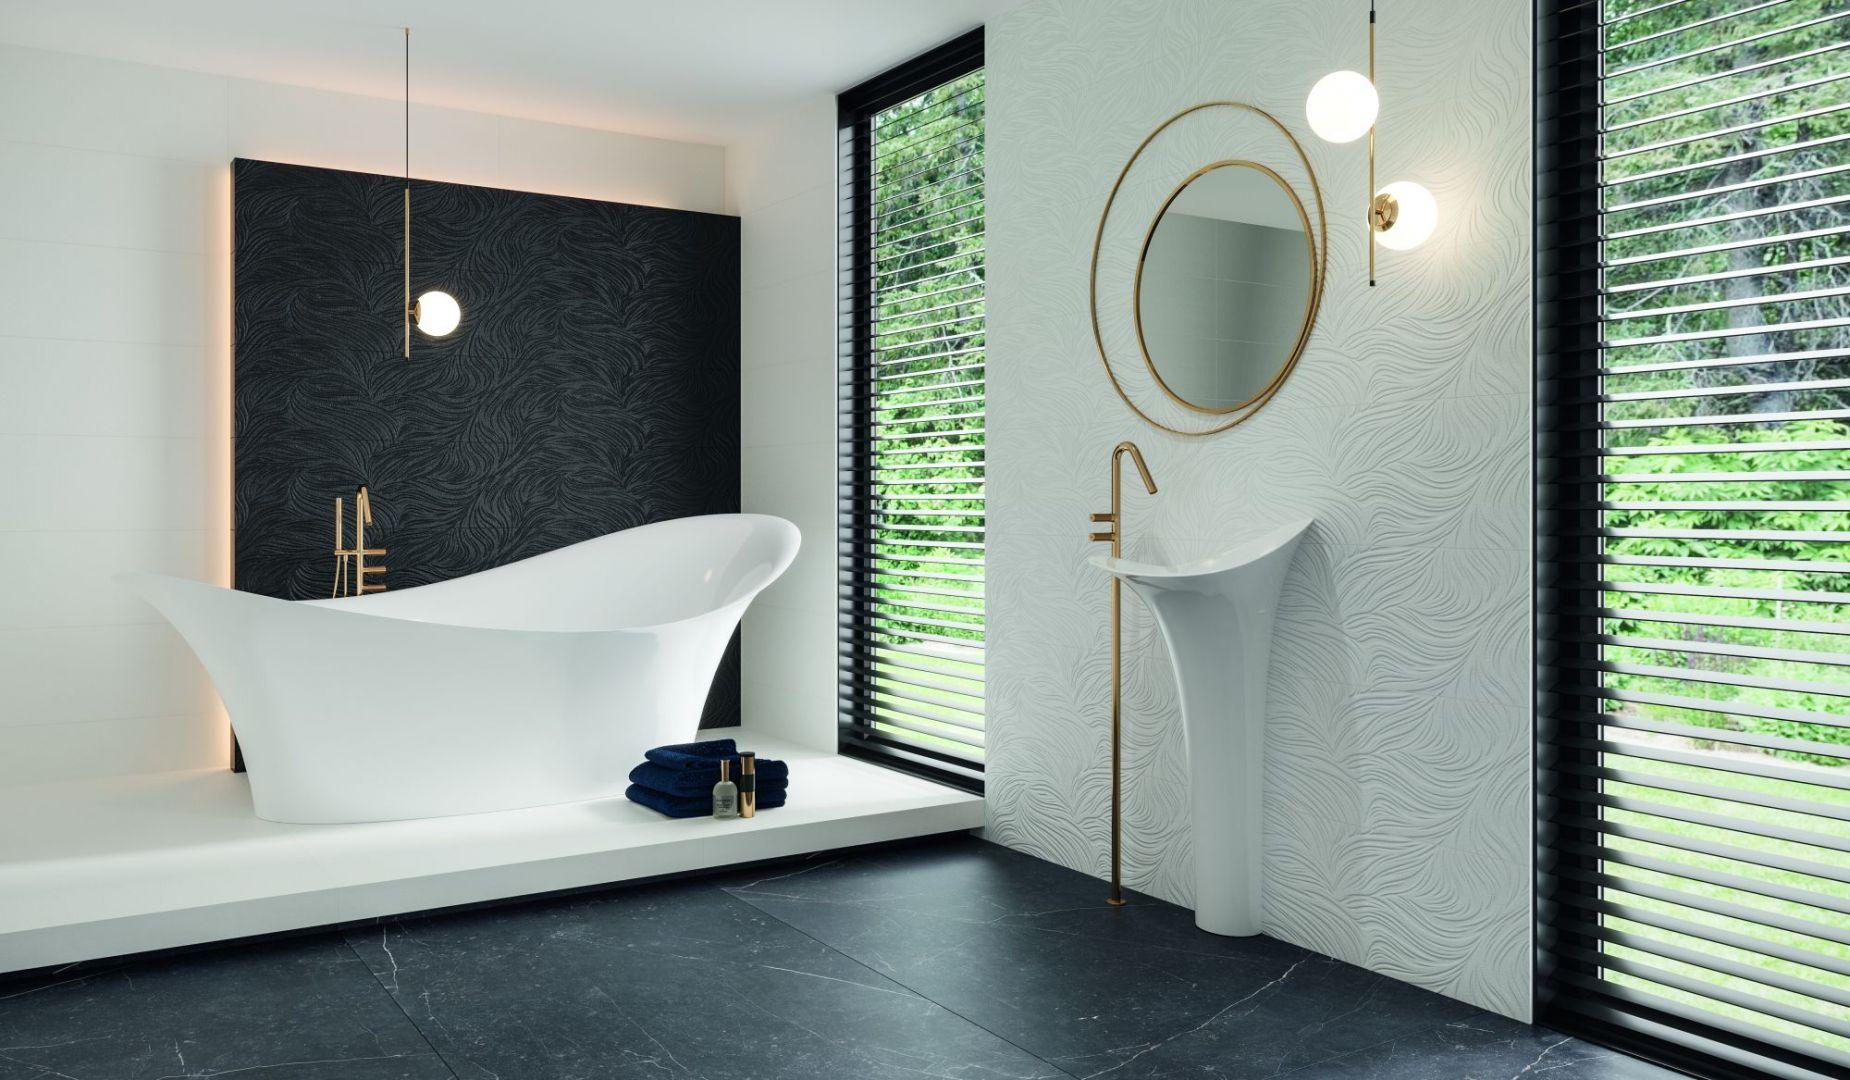 Płytki ceramiczne do łazienki, kolekcja Elegant Surface. Fot. Ceramika Paradyż